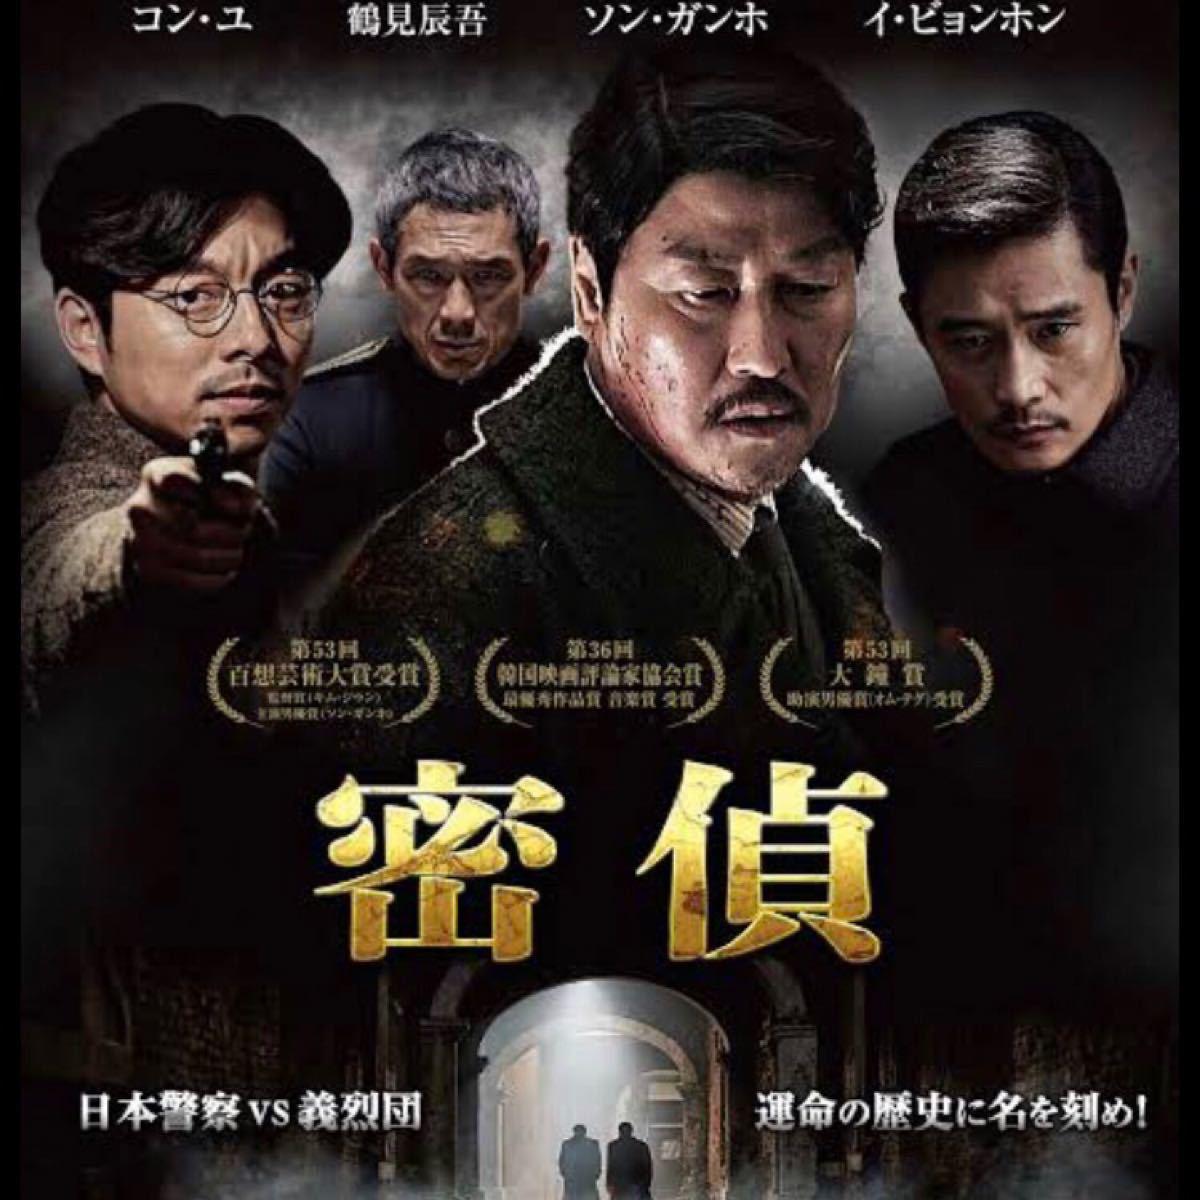 韓国映画  密偵  コン・ユ  ソン・ガンホ  DVD  日本語吹替有り  レーベル有り